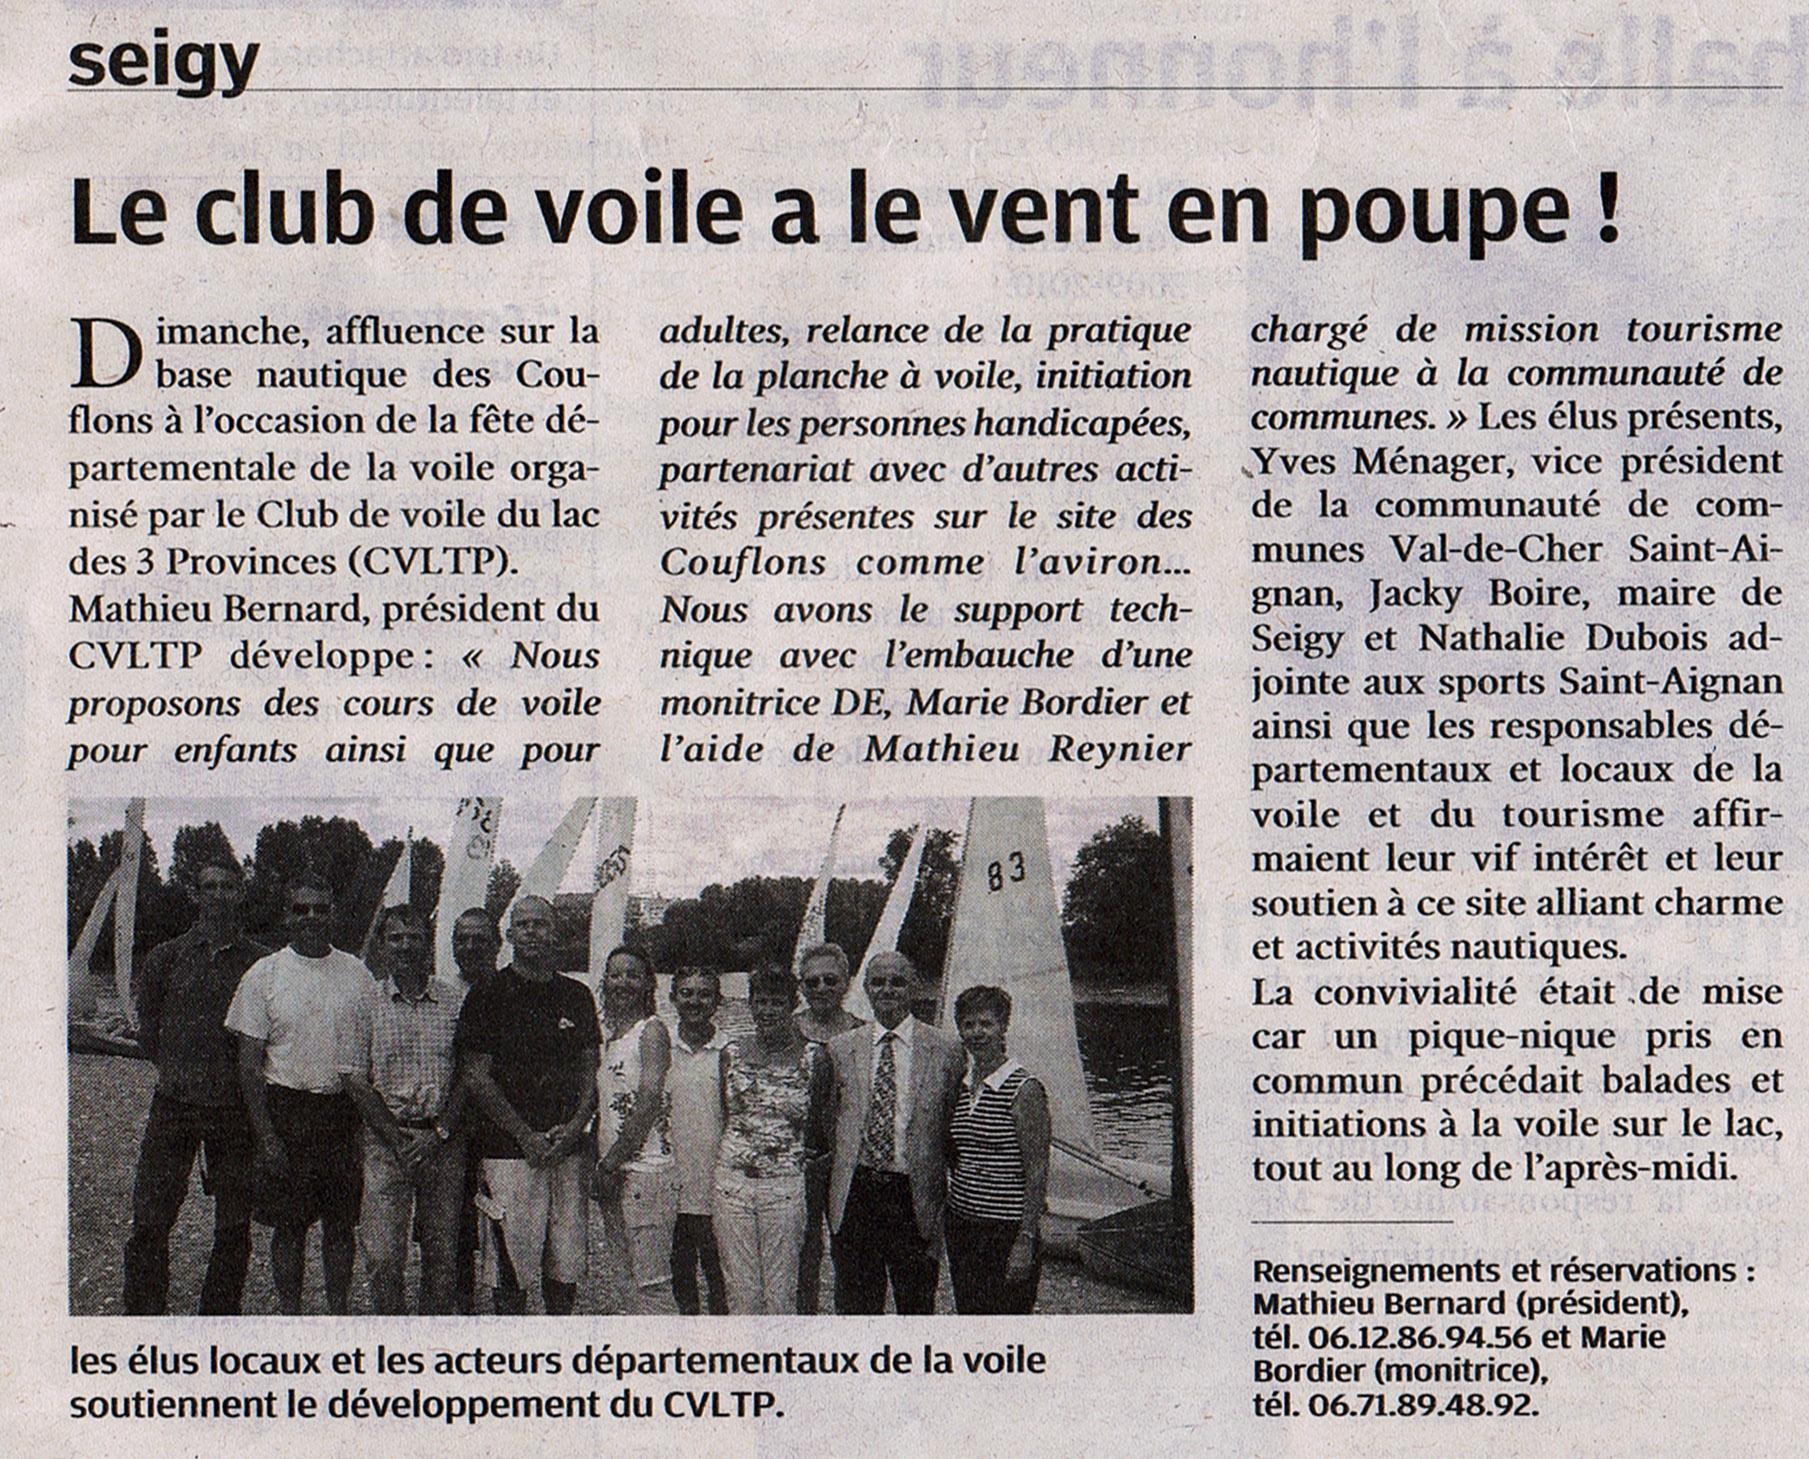 Revue de presse du Club 090709101100730884040620